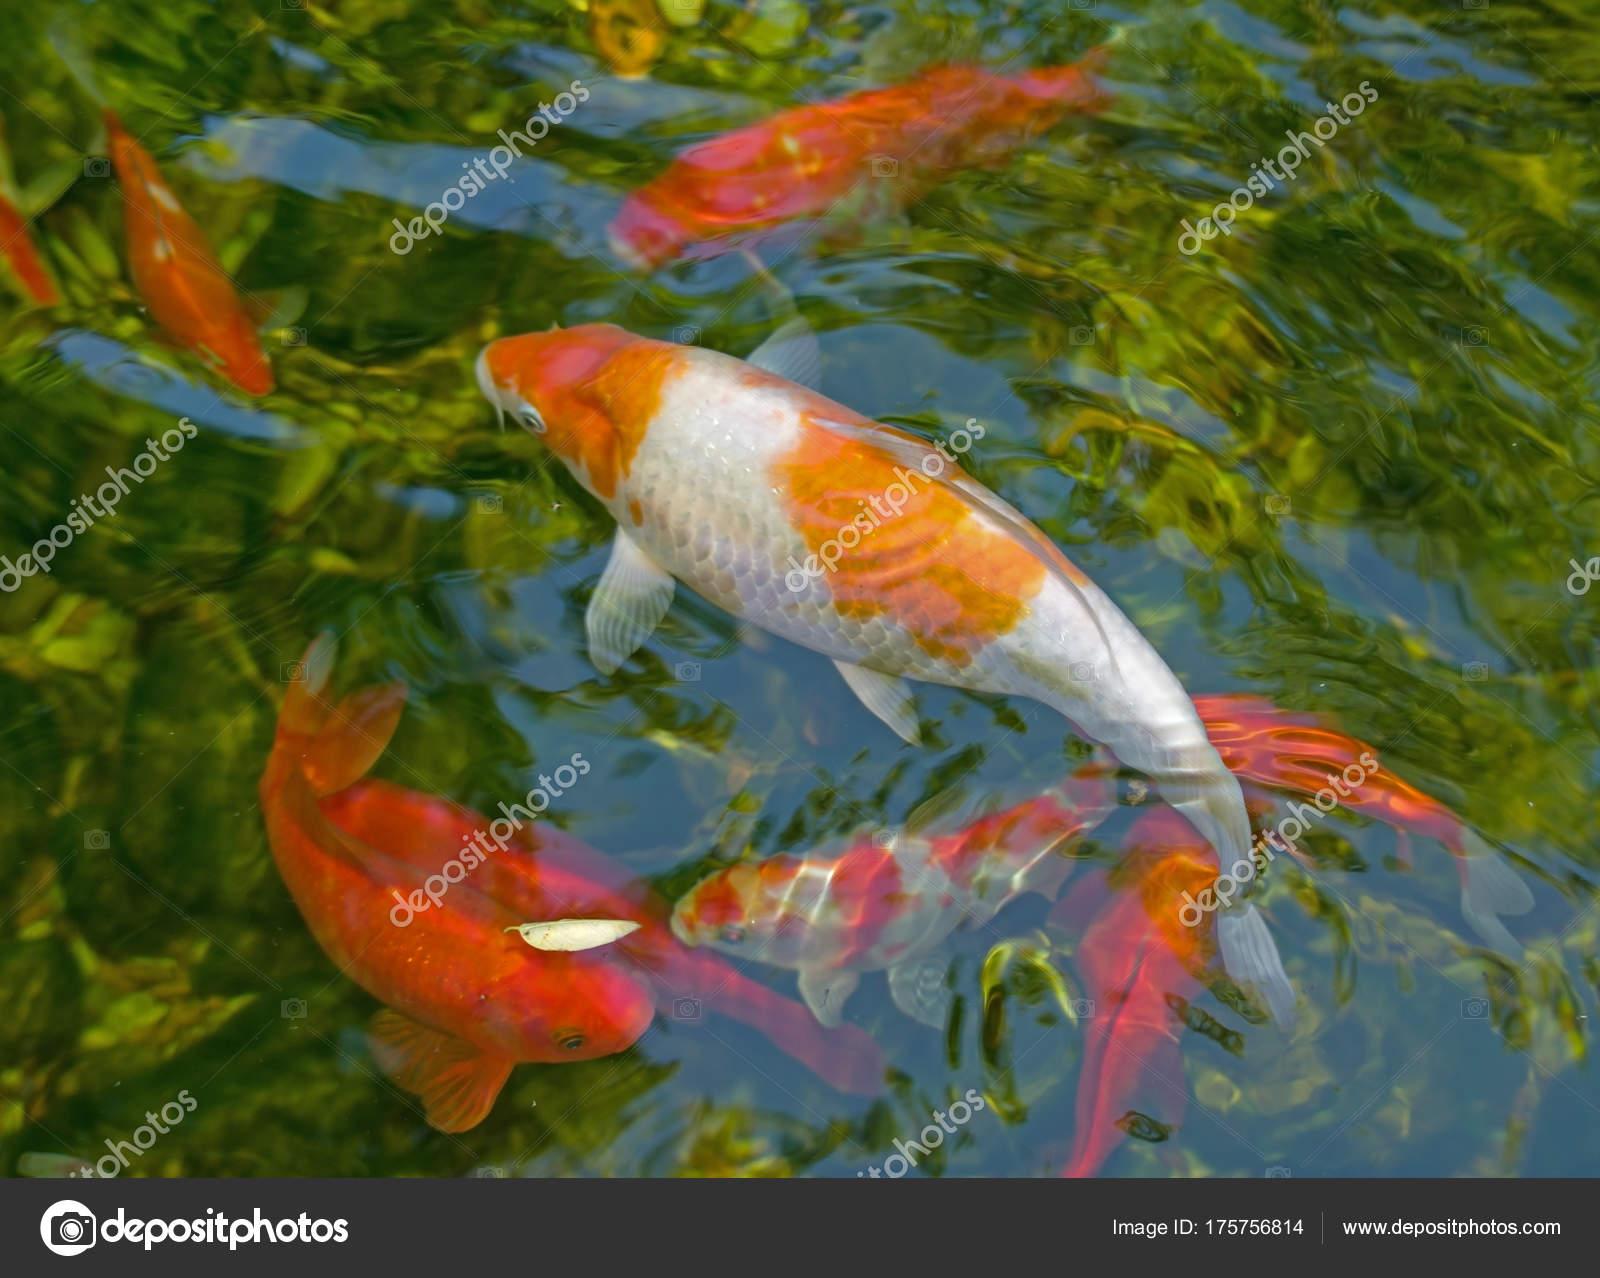 Peces tropicales de acuario foto de stock vega 240 for Comida para peces tropicales acuario